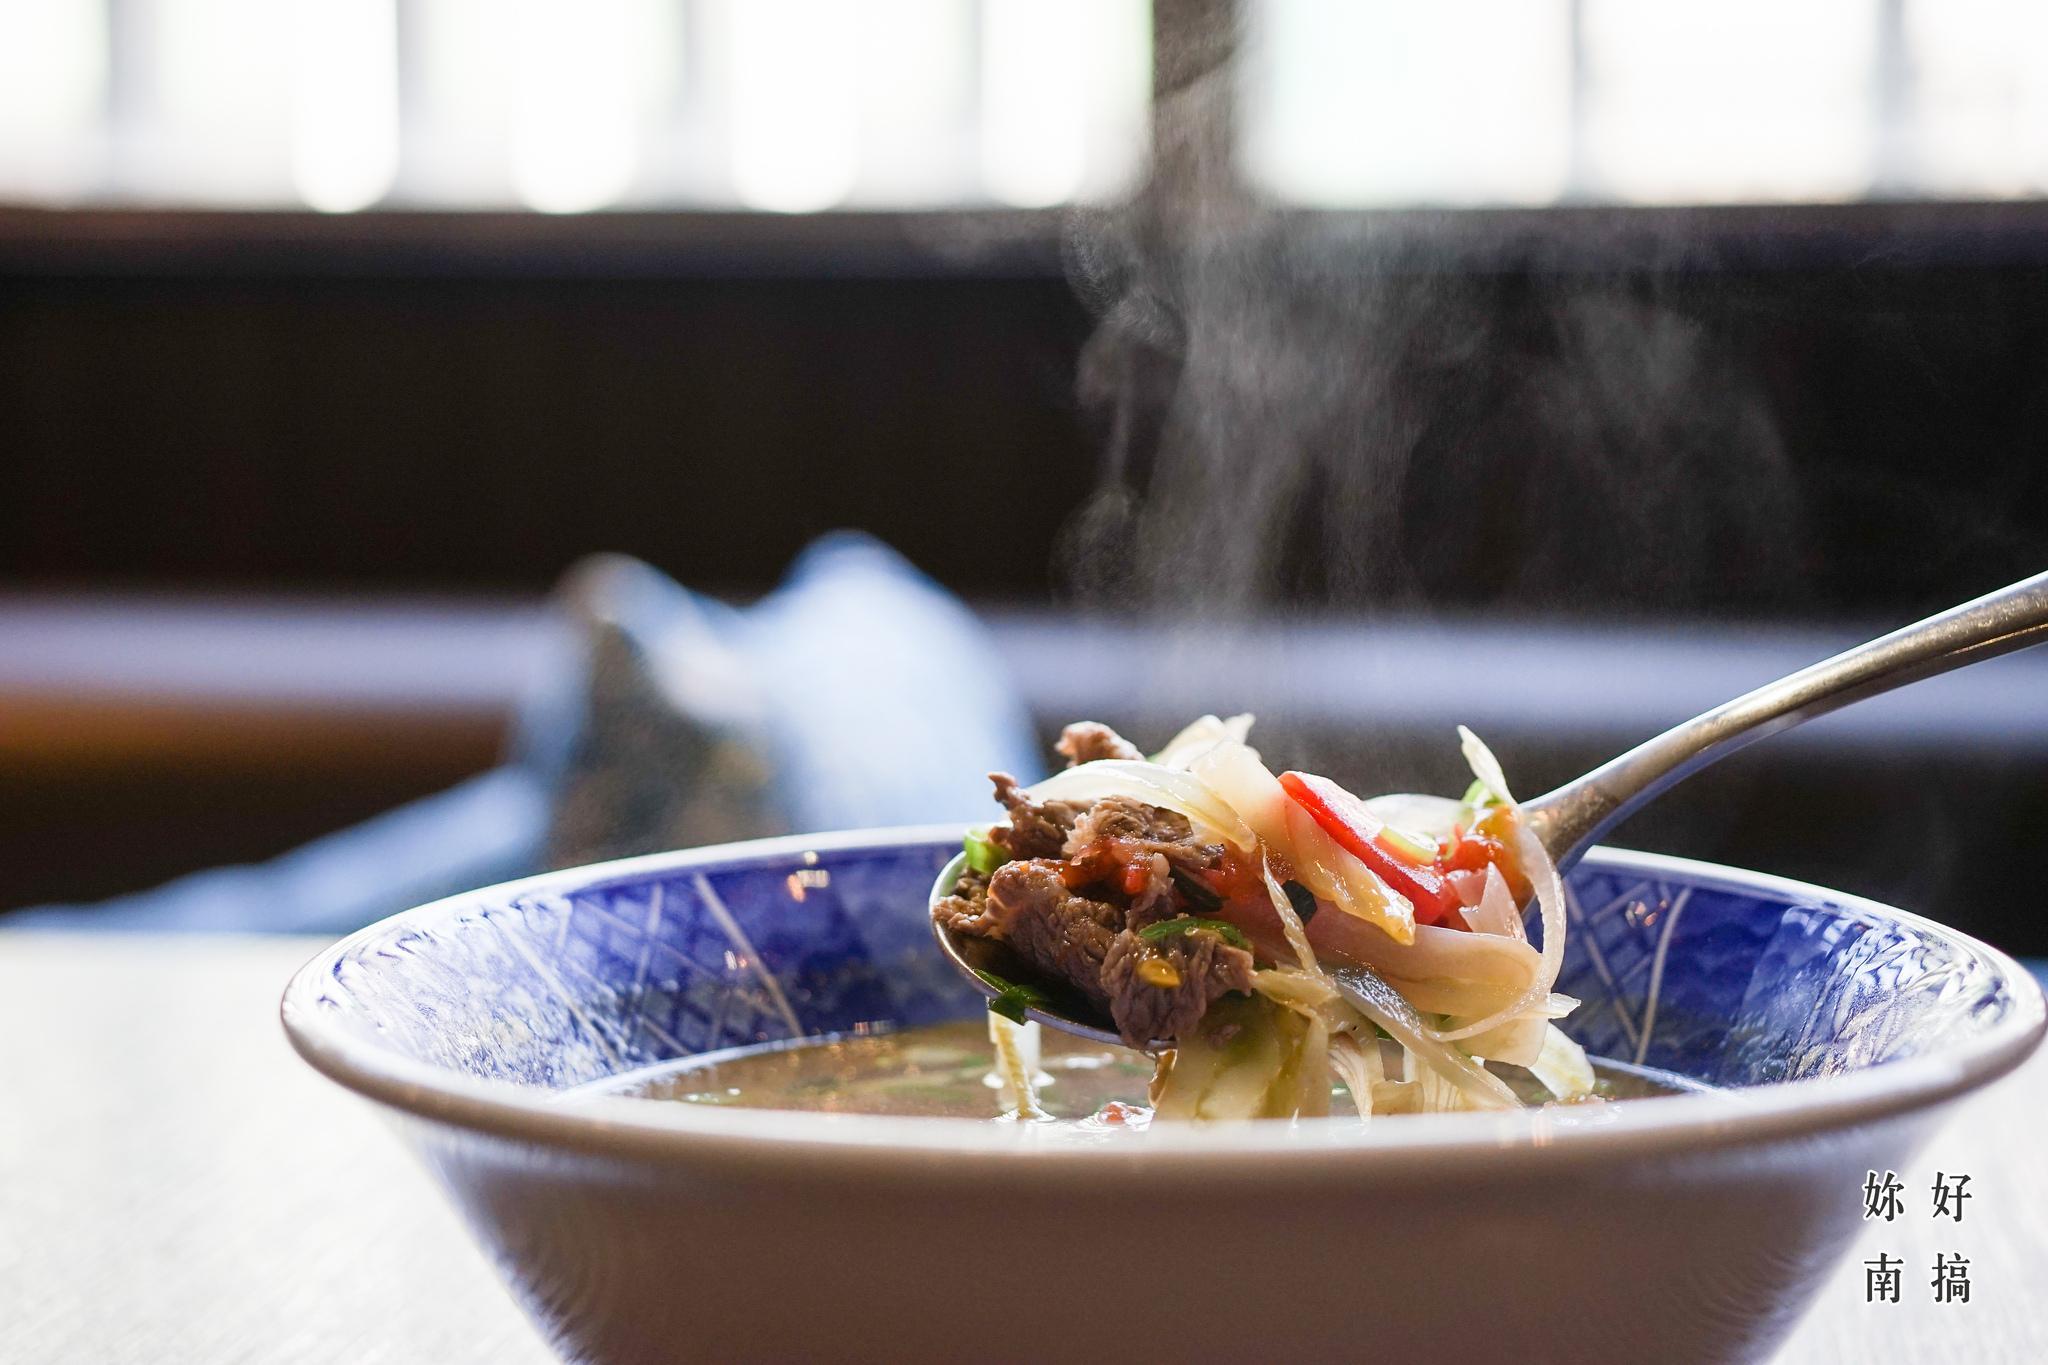 台南旅遊-主廚的菜籃子-23-妳好南搞